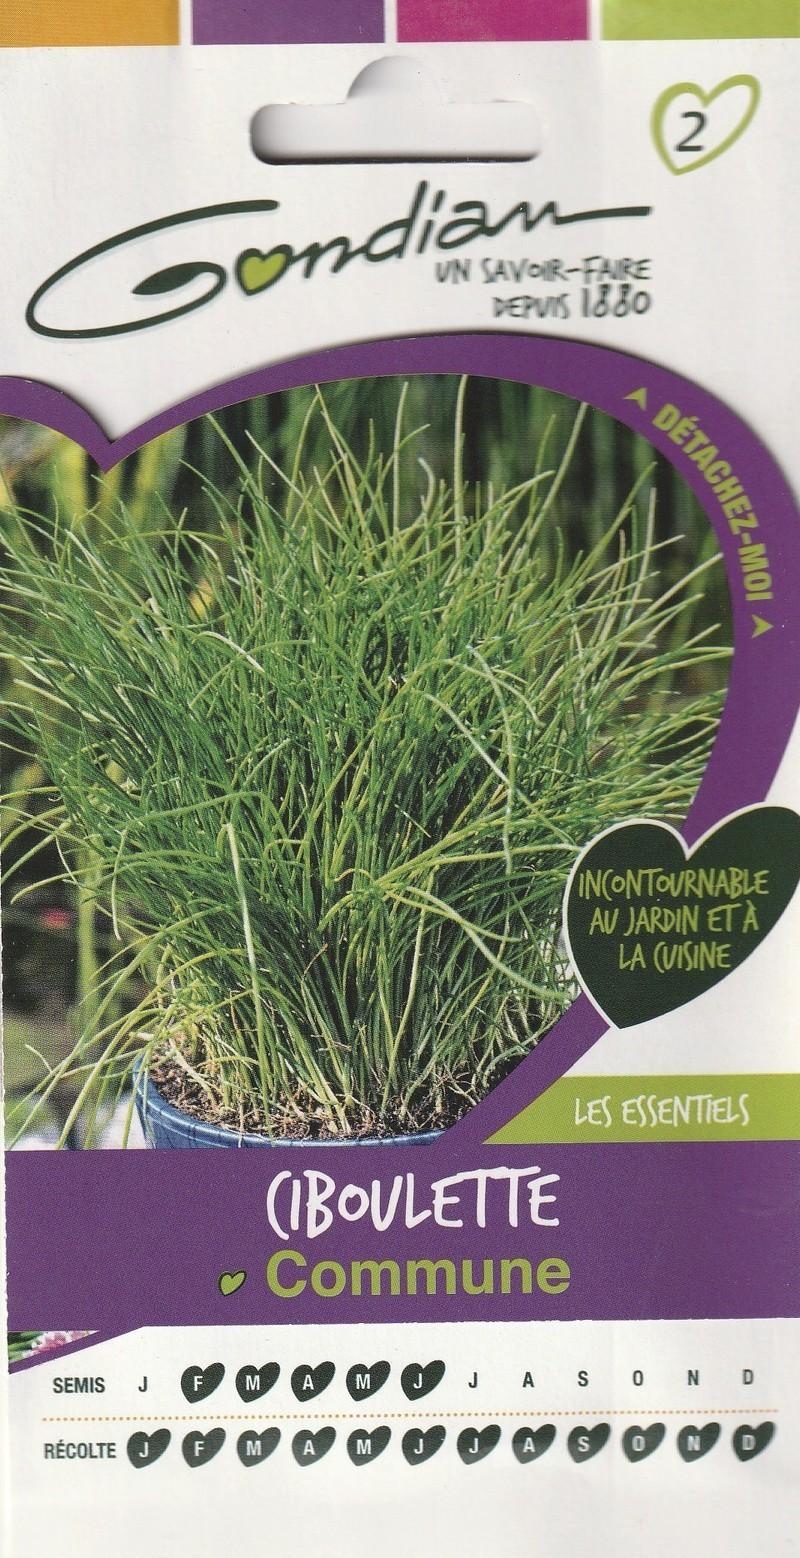 ciboulette commun gondian graine semence aromatique potager sachet semis - Voir en grand